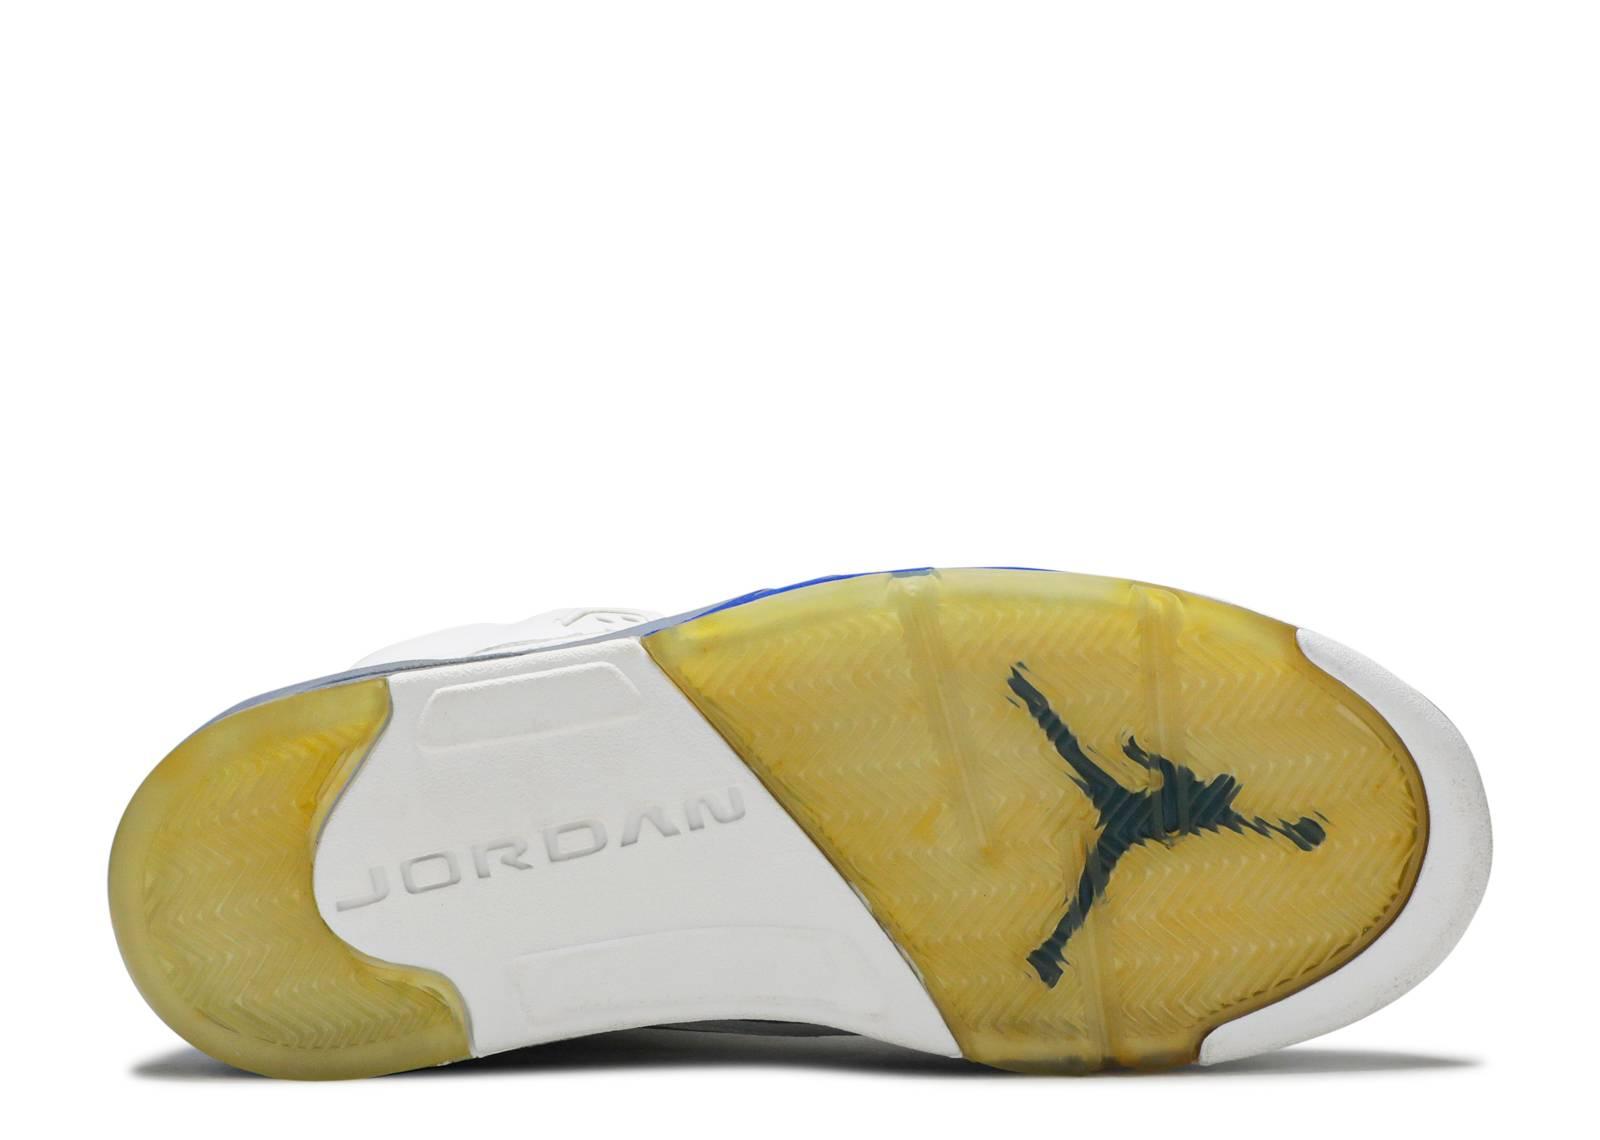 separation shoes 7e2ae 649f4 ... best price air jordan 5 retro e1a09 065a1